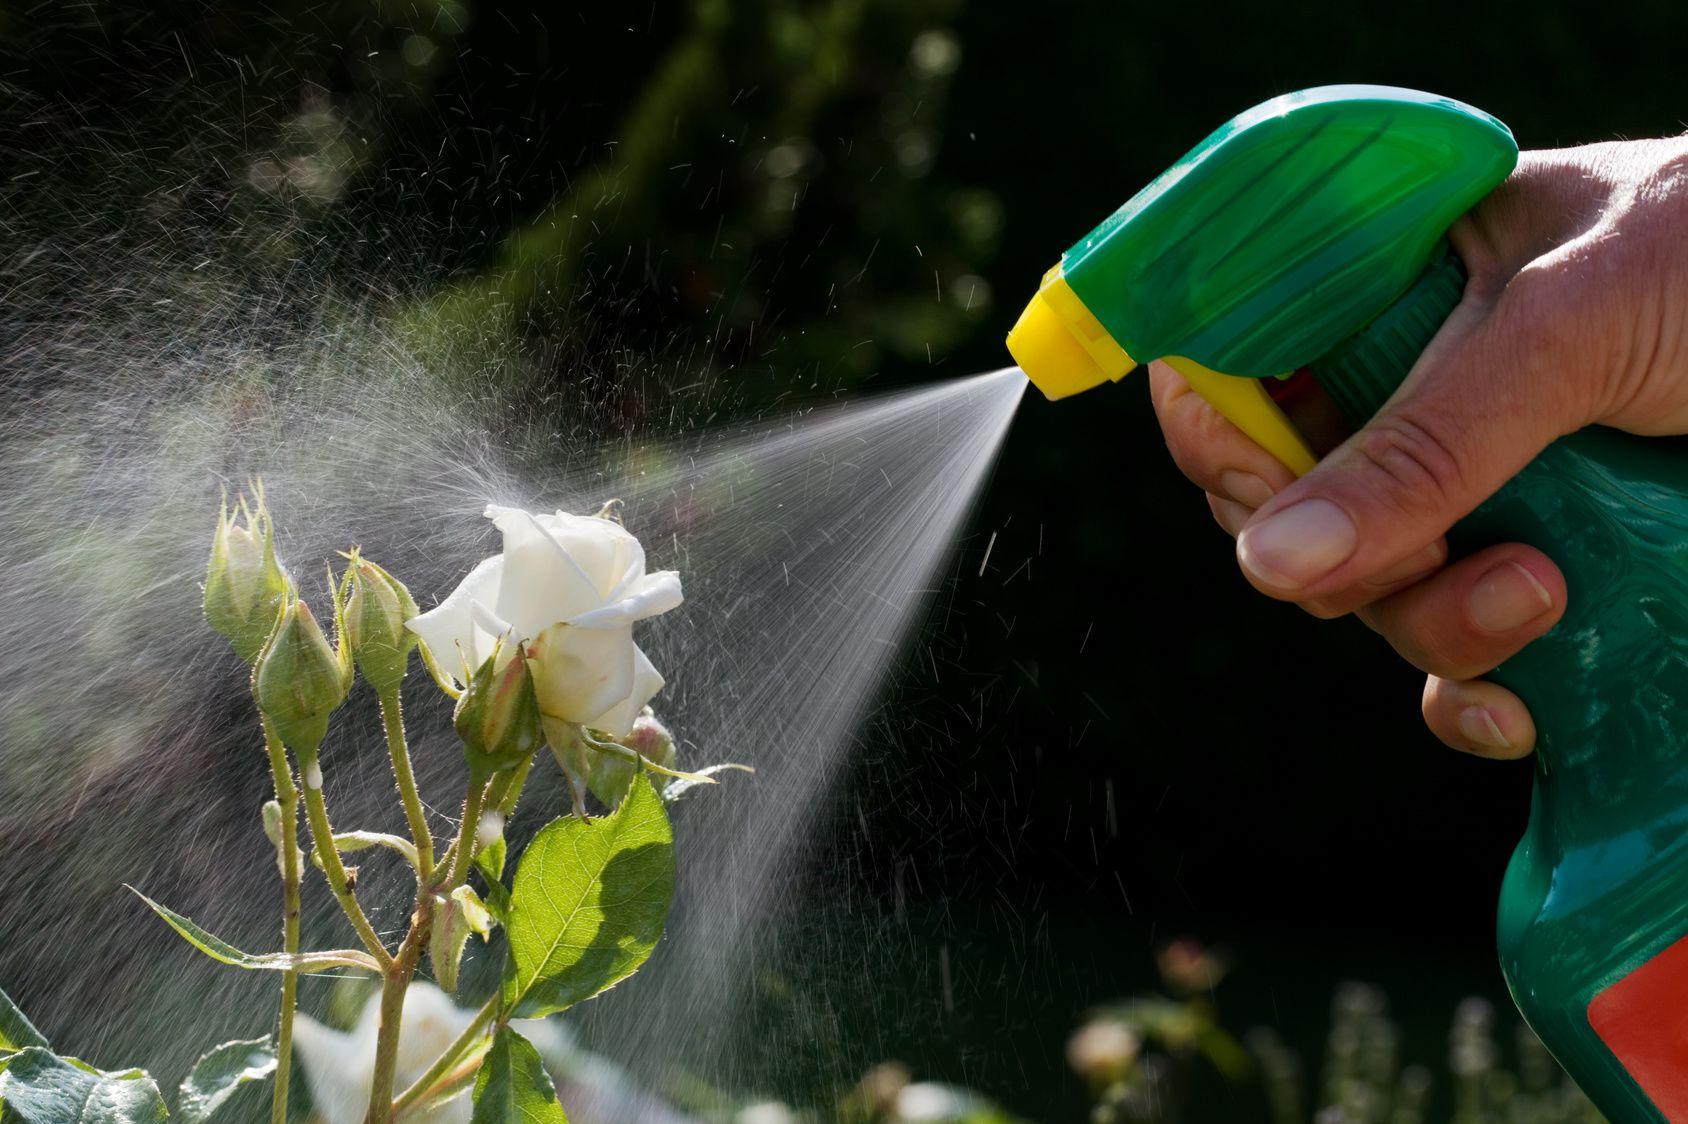 enfin une loi anti-pesticide chimique pour 2019 ettendu pour les particuliers